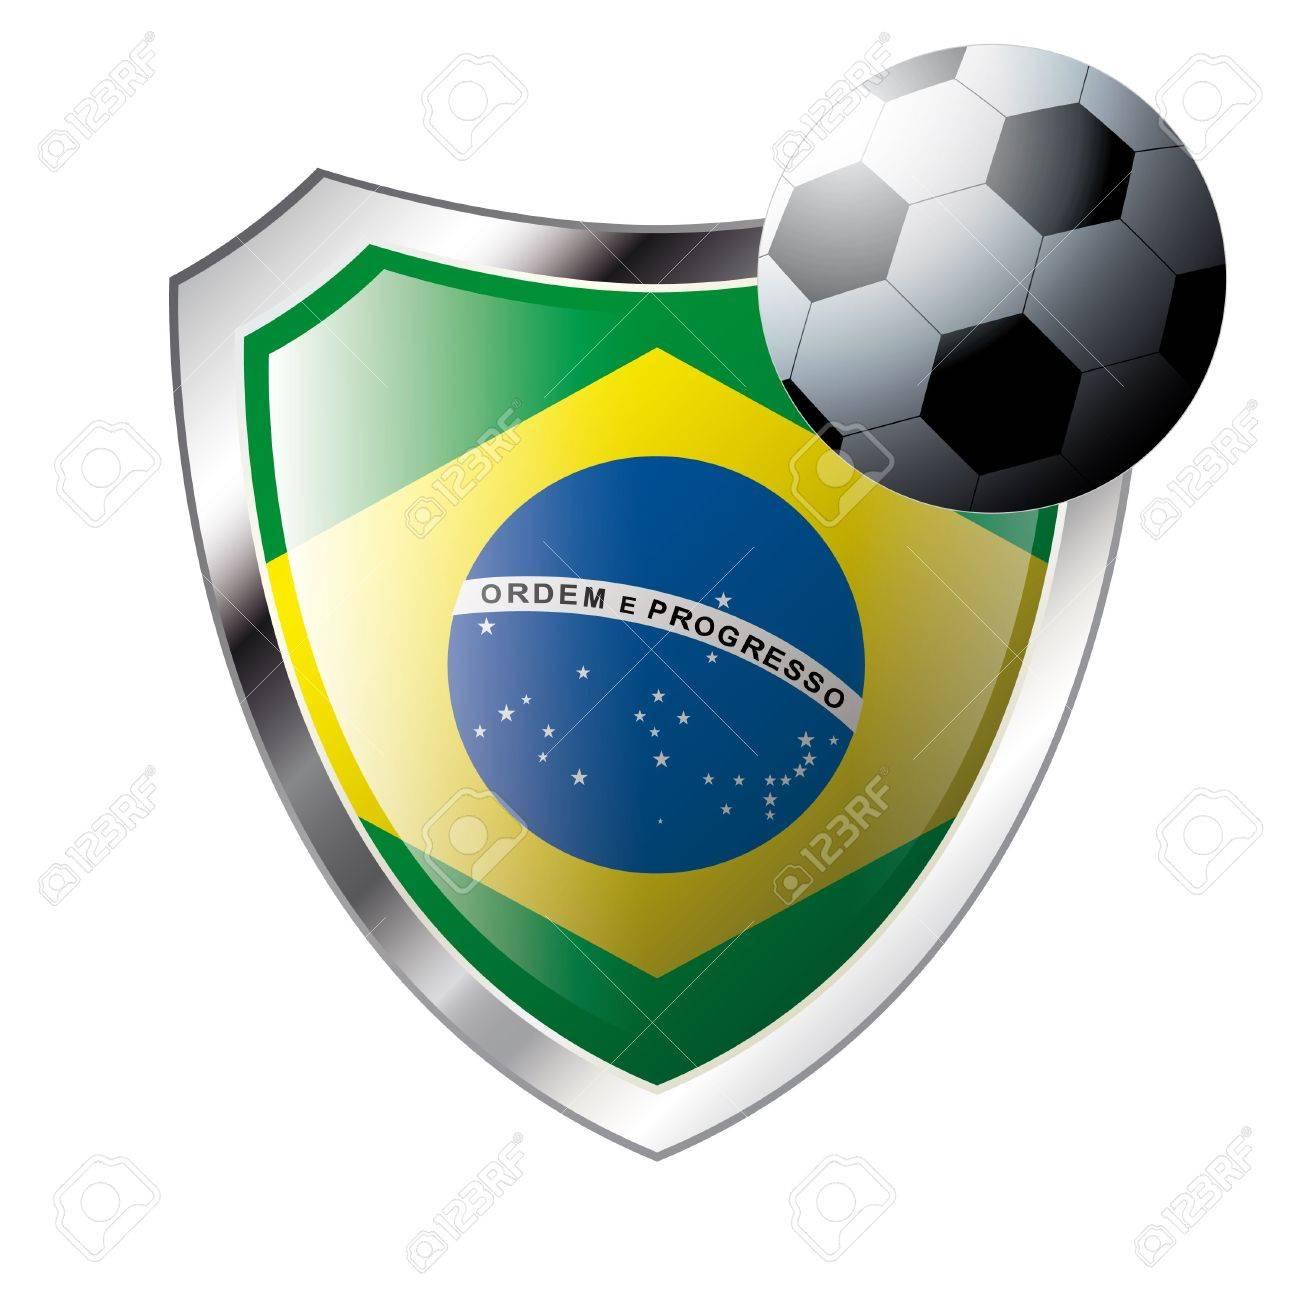 Foto de archivo - Vector ilustración - tema de fútbol abstracta - brillante  metal escudo aislado sobre fondo blanco con la bandera de Brasil c32e27cab8bcb